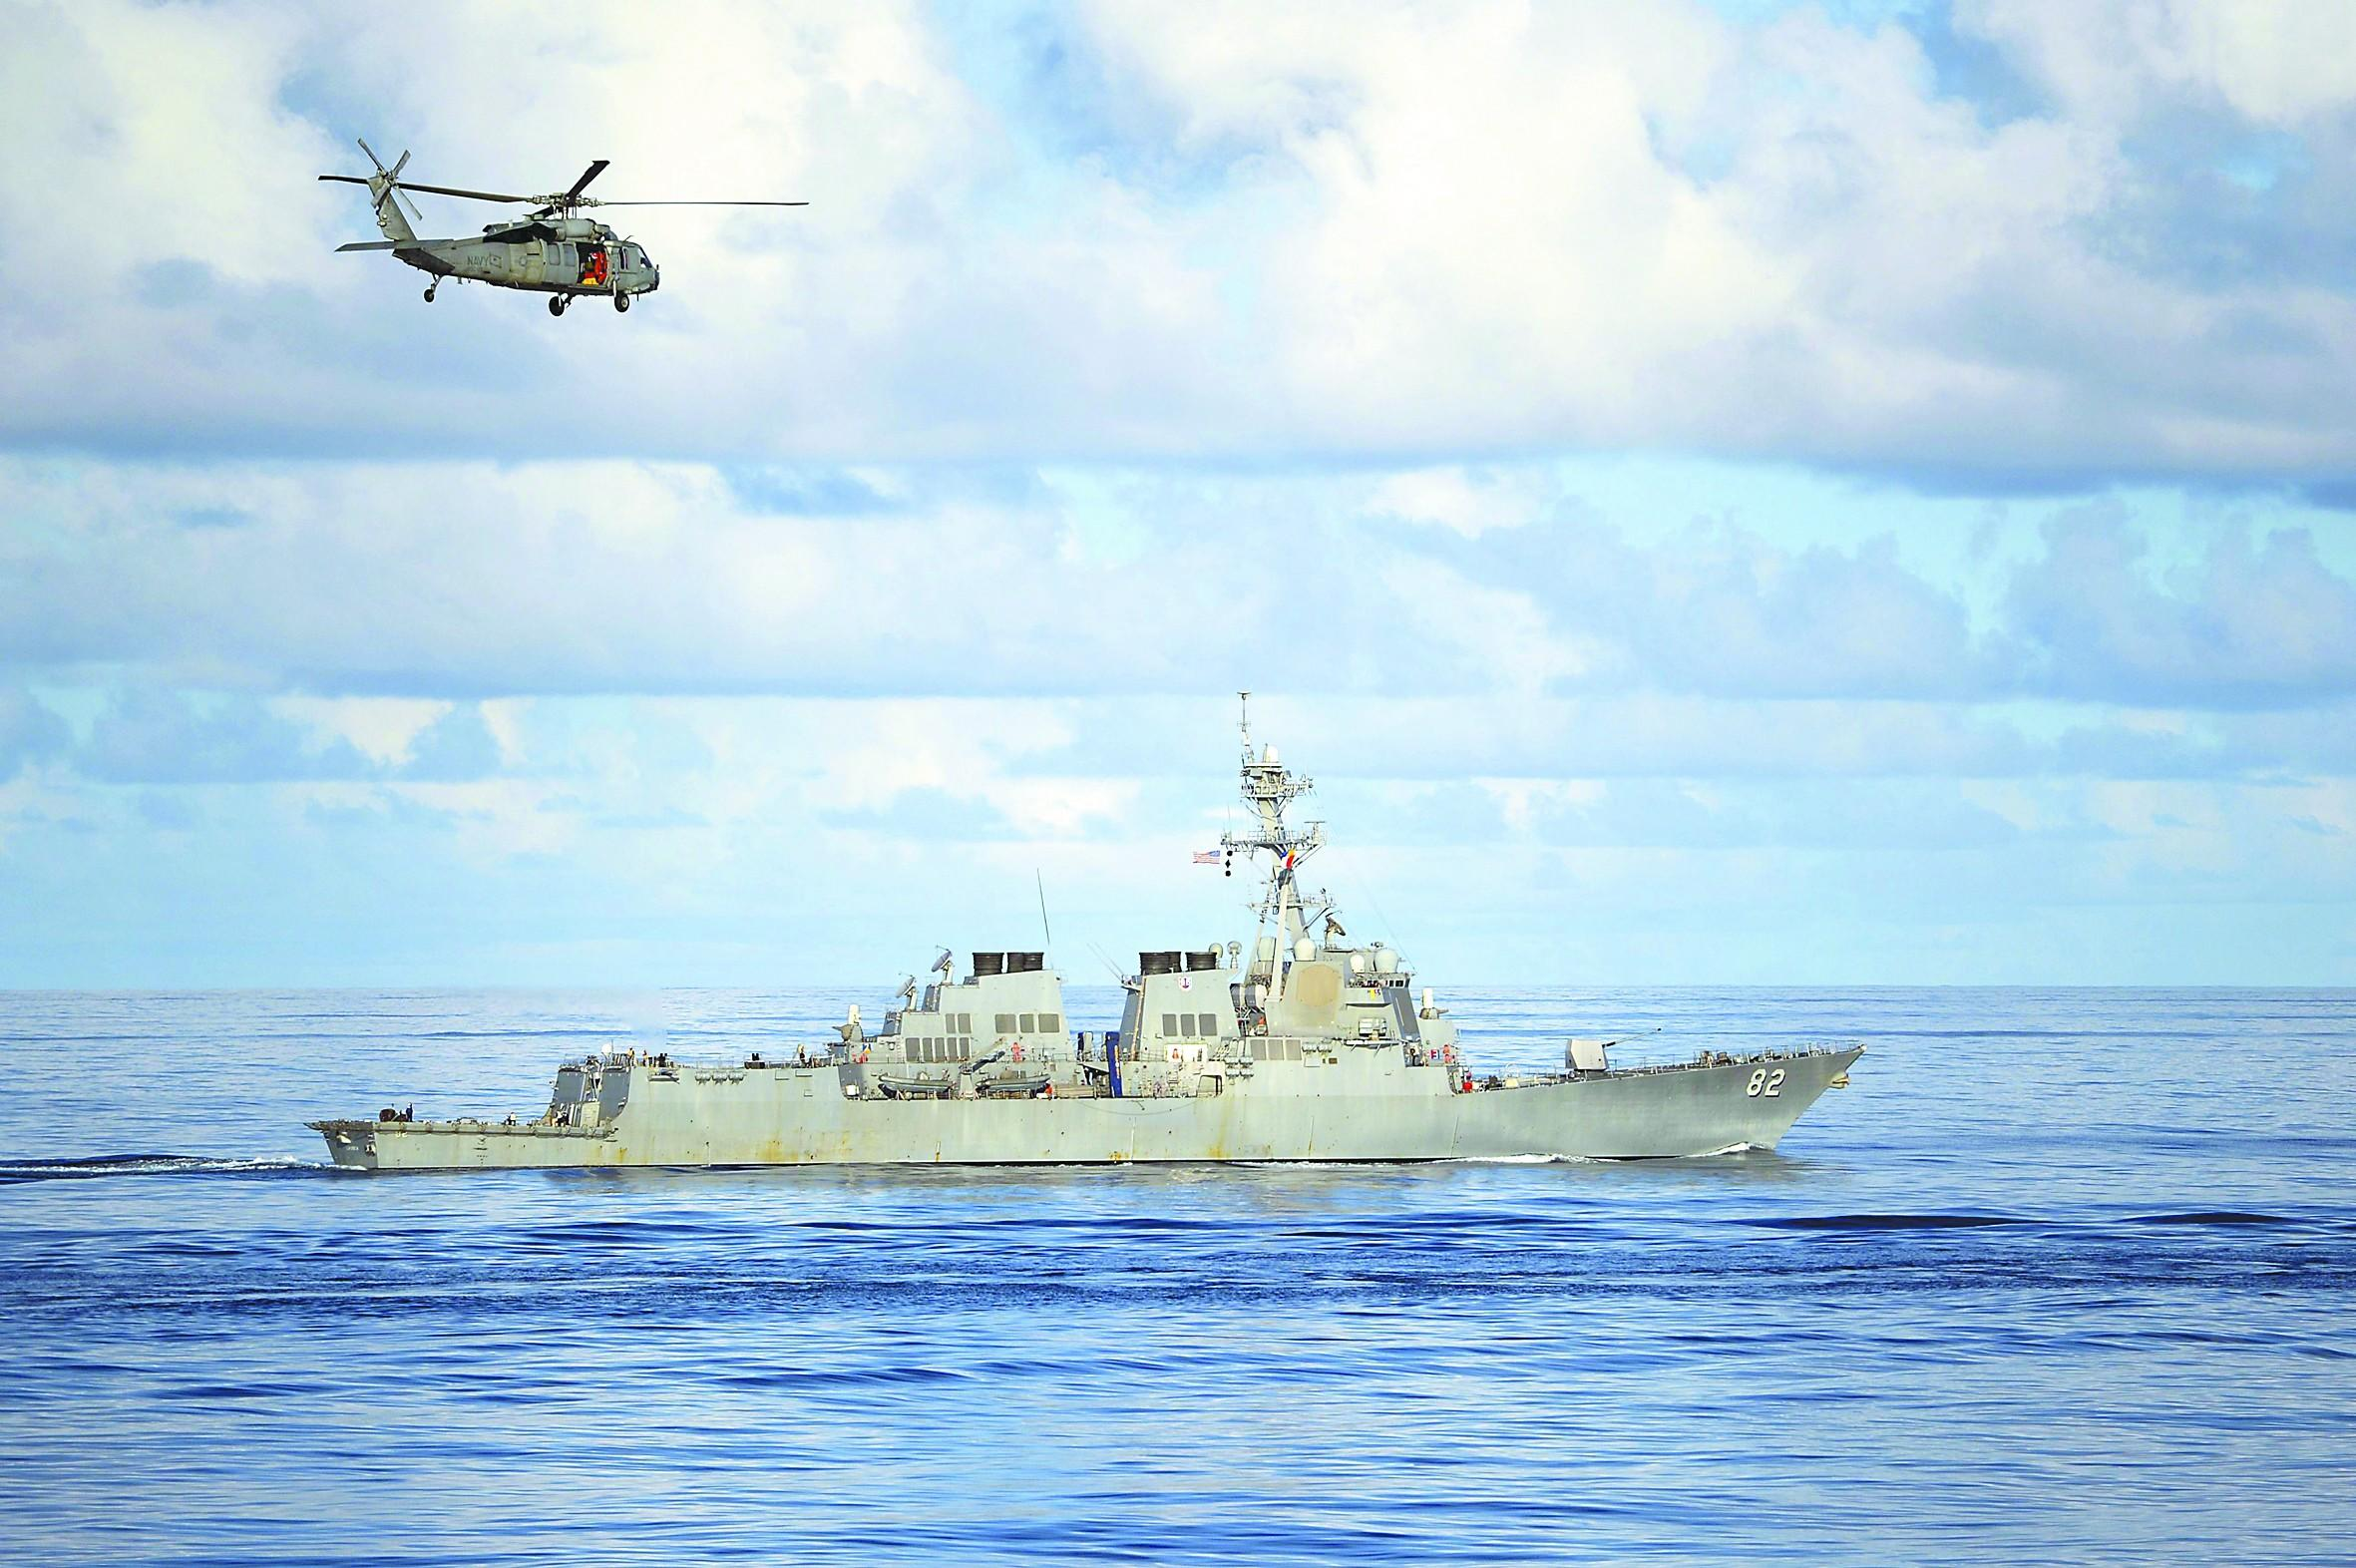 军事资讯_海军 航母 舰 军事 2362_1572